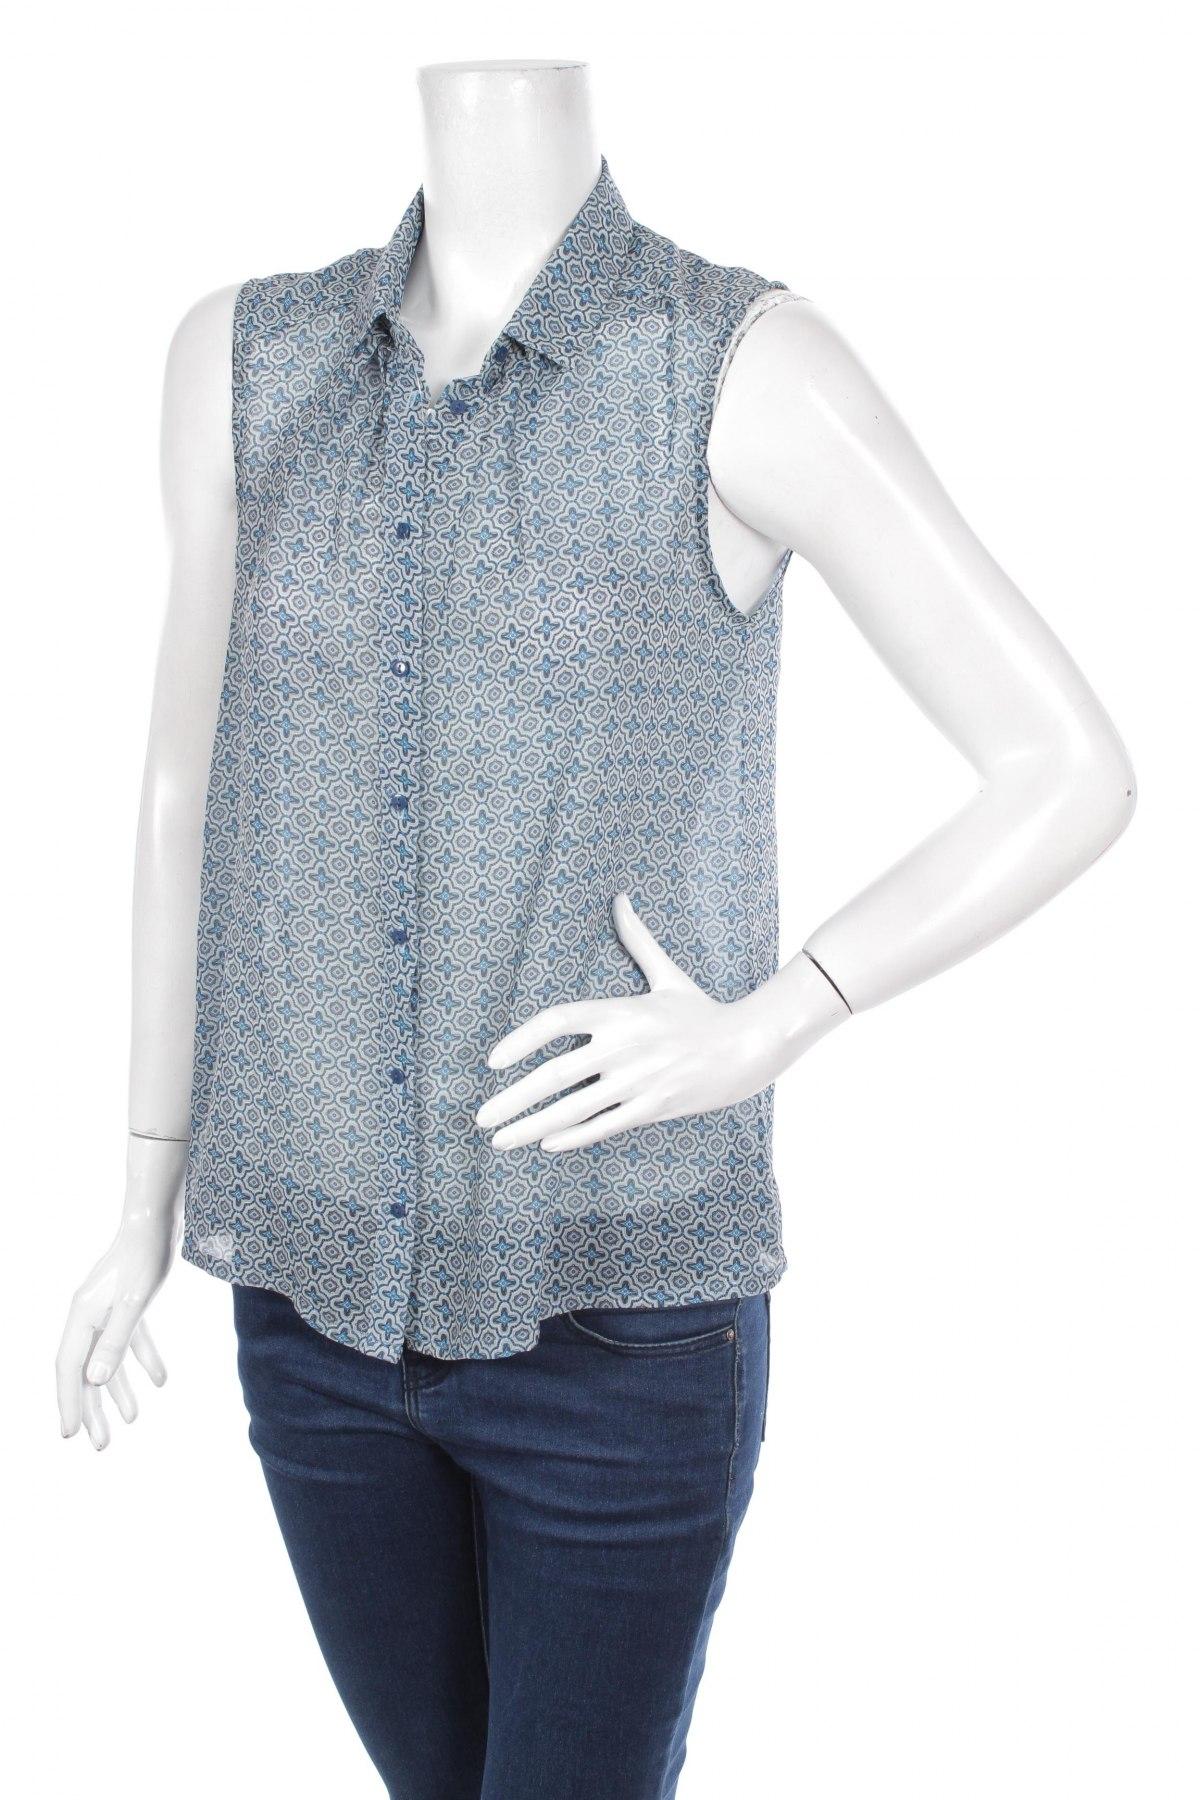 Γυναικείο πουκάμισο, Μέγεθος M, Χρώμα Πολύχρωμο, Τιμή 10,82€